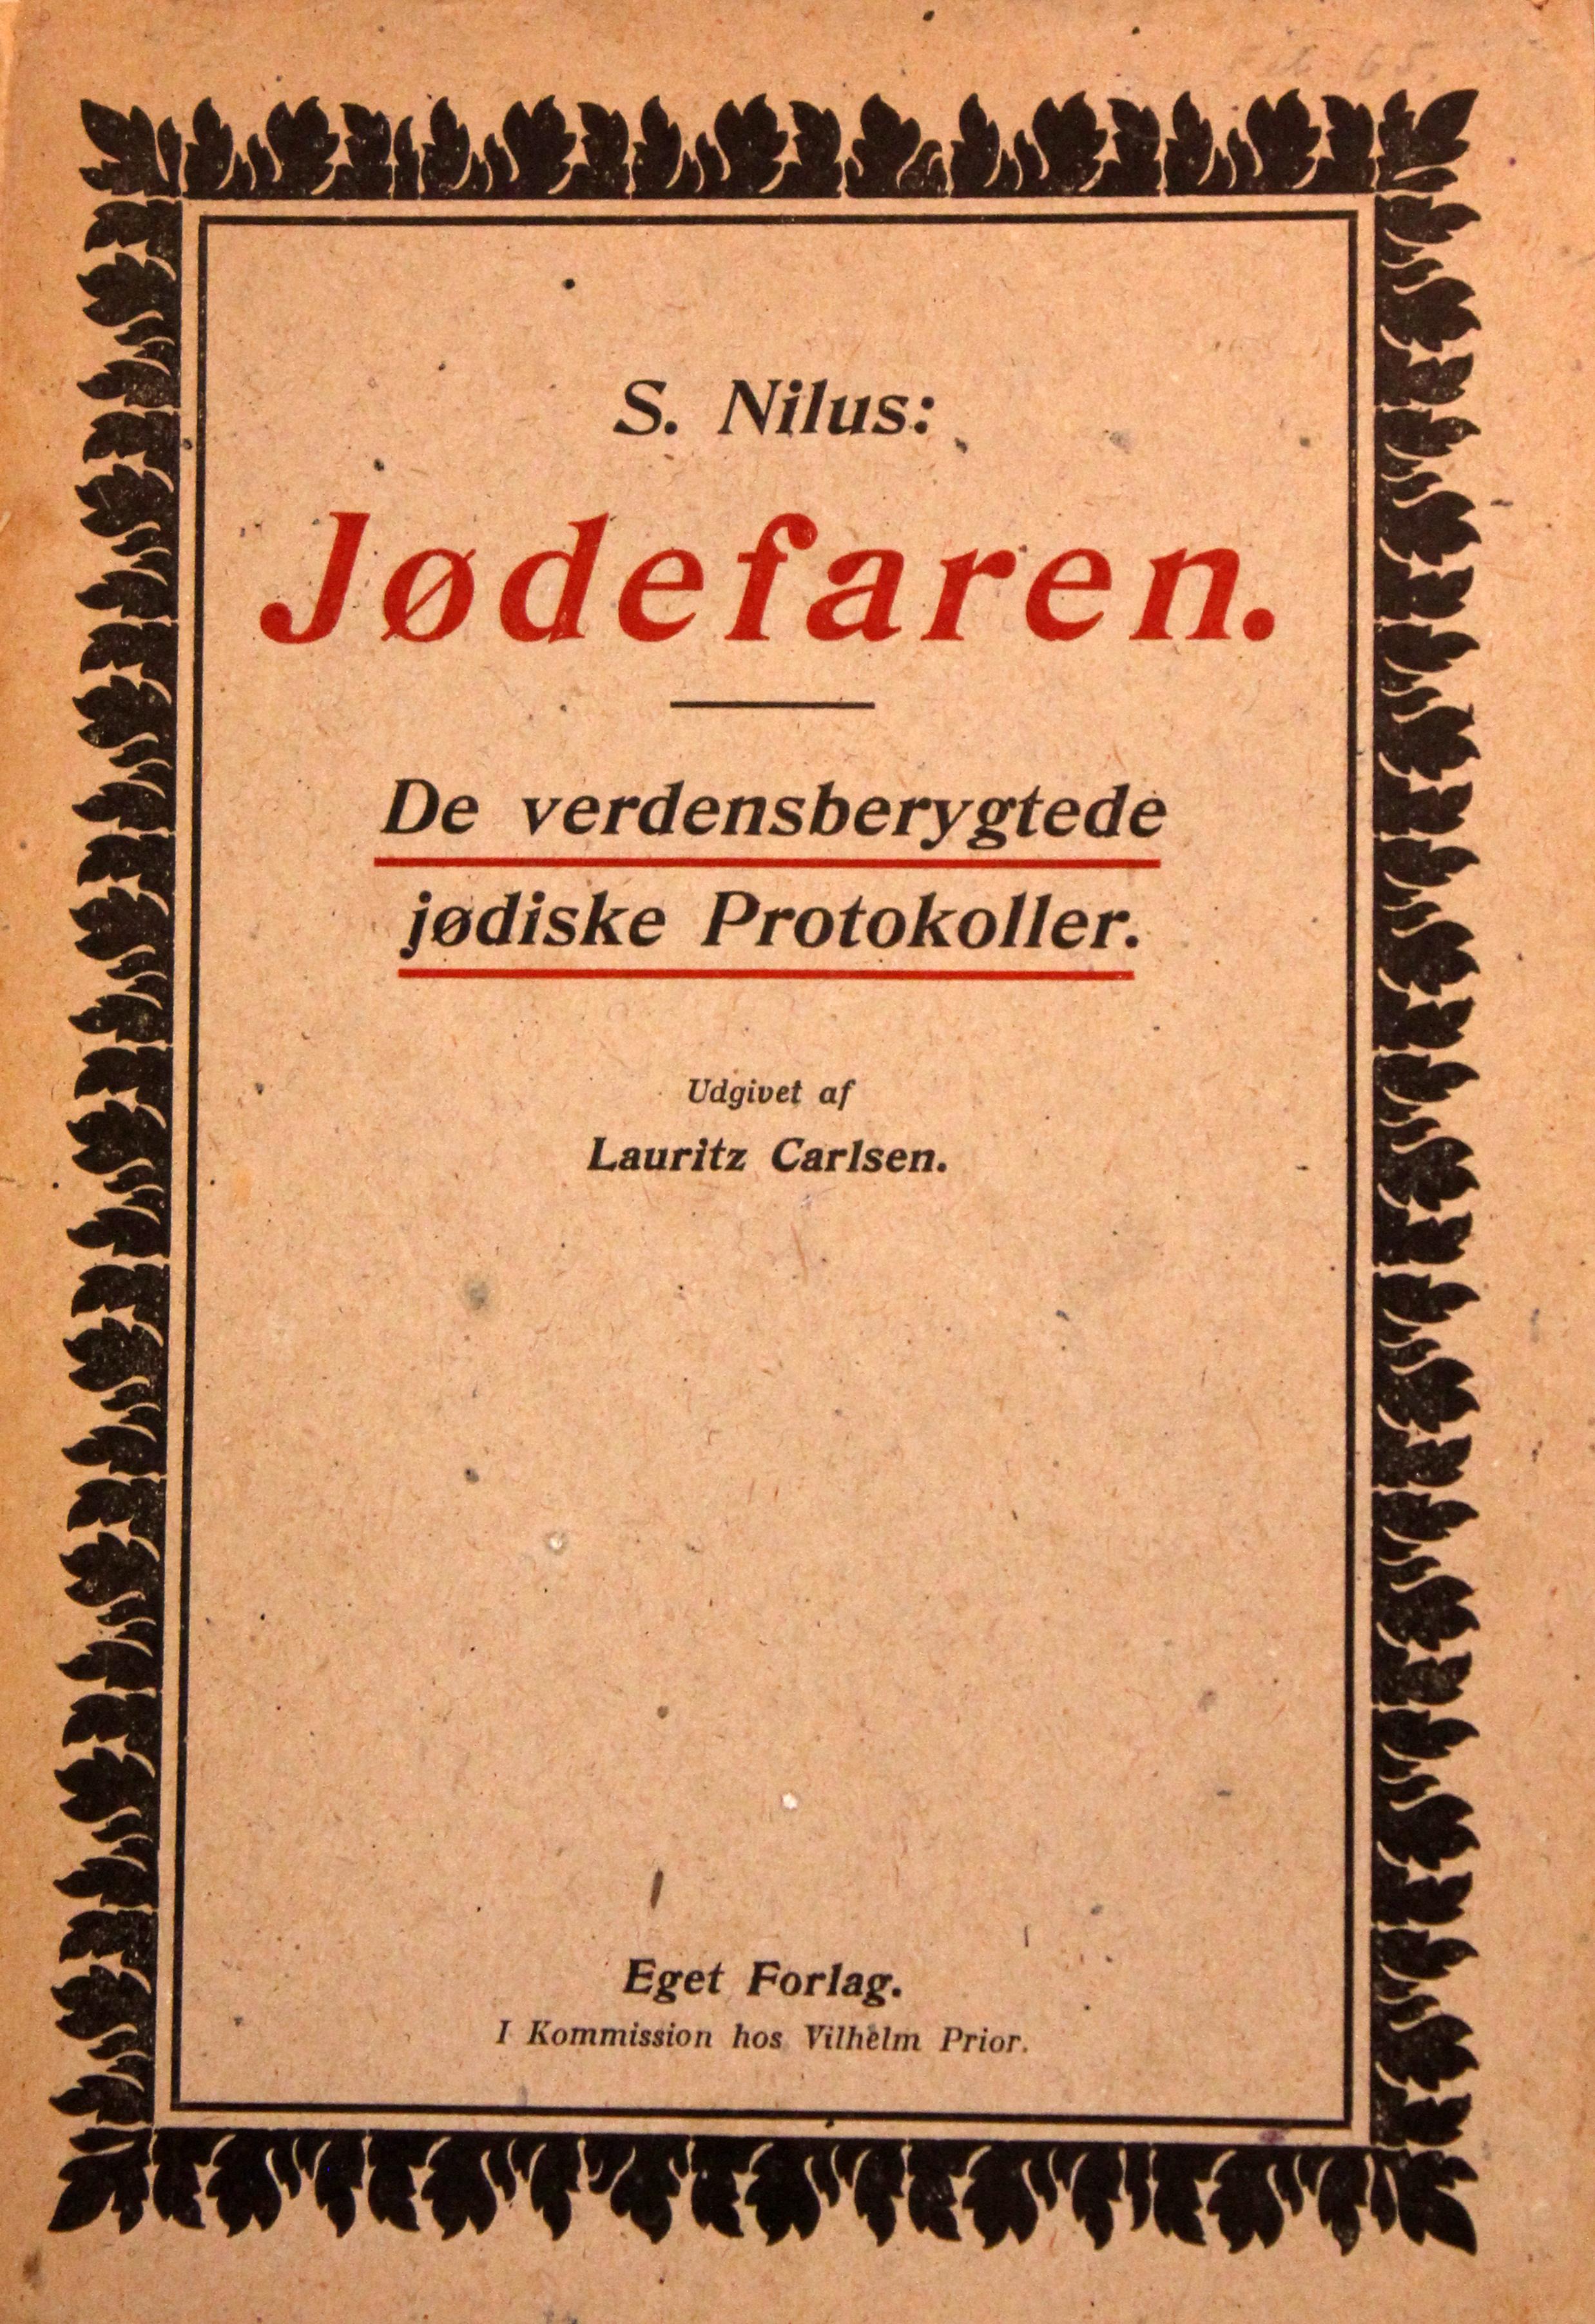 Produkt, der går tilbage til slutningen af 1800-tallet